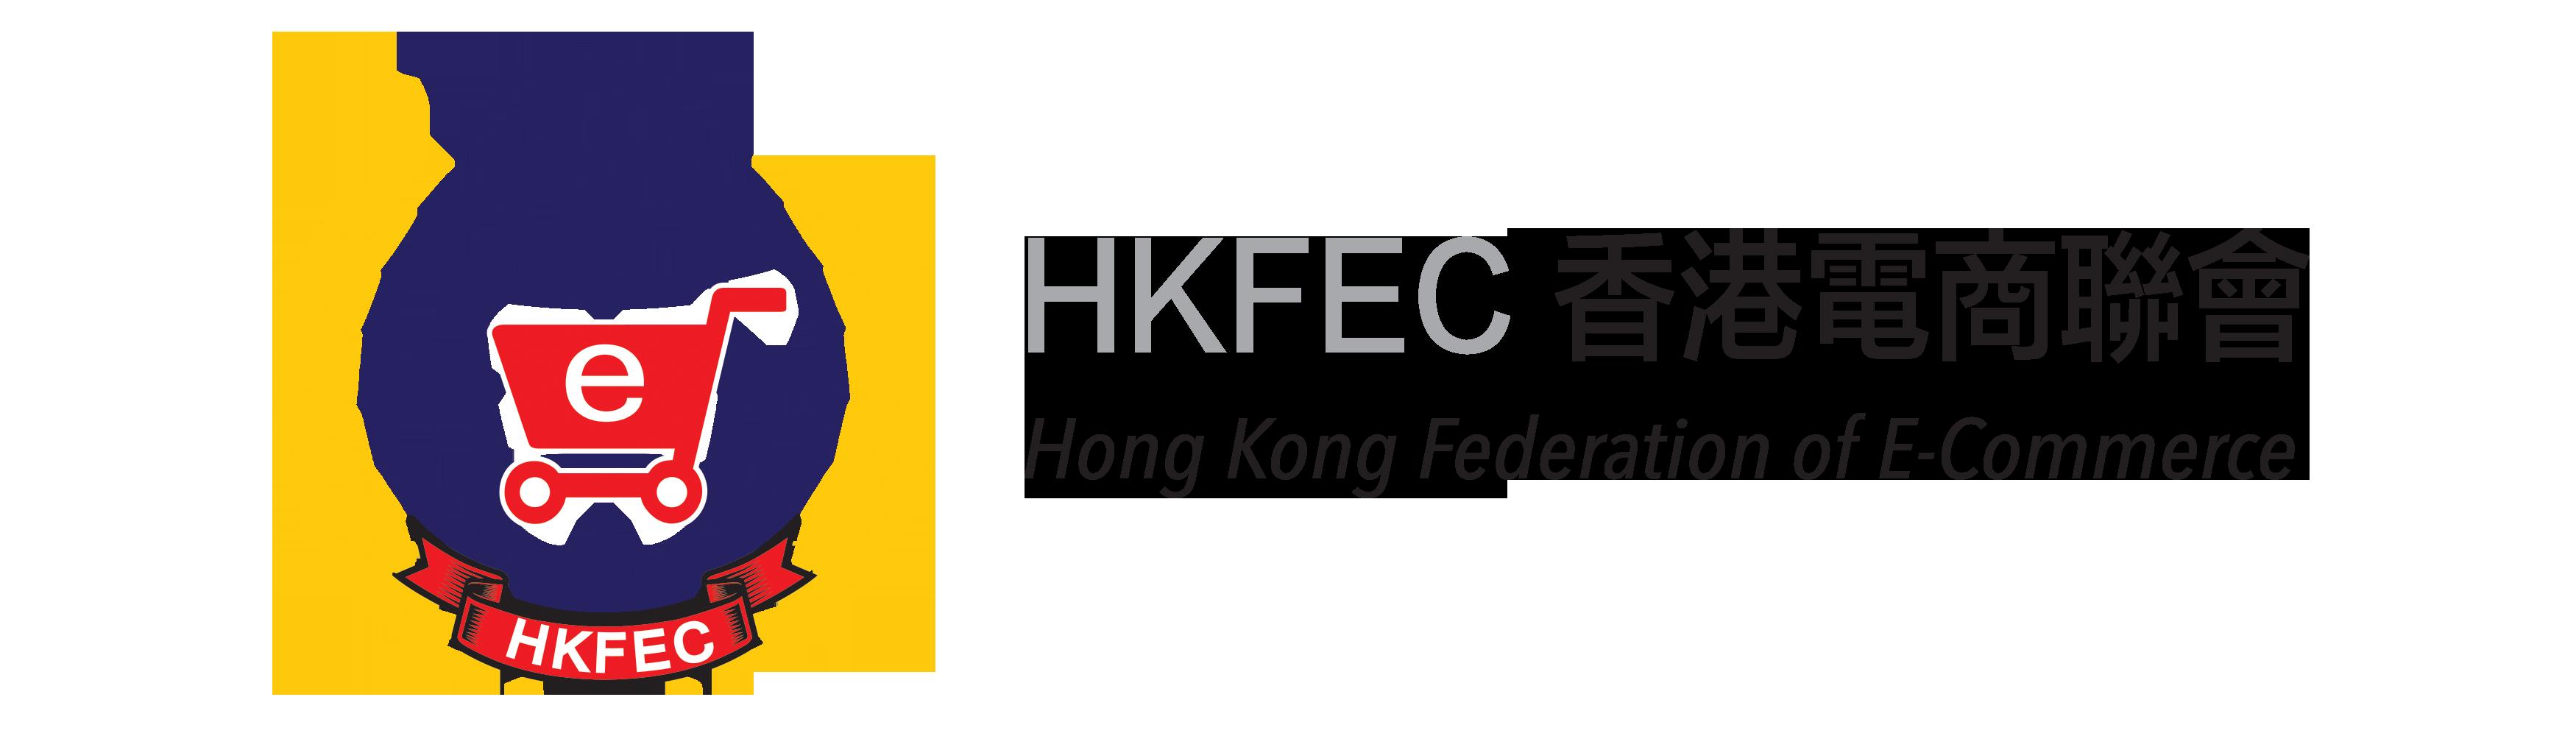 Hong Kong Federation of E-Commerce